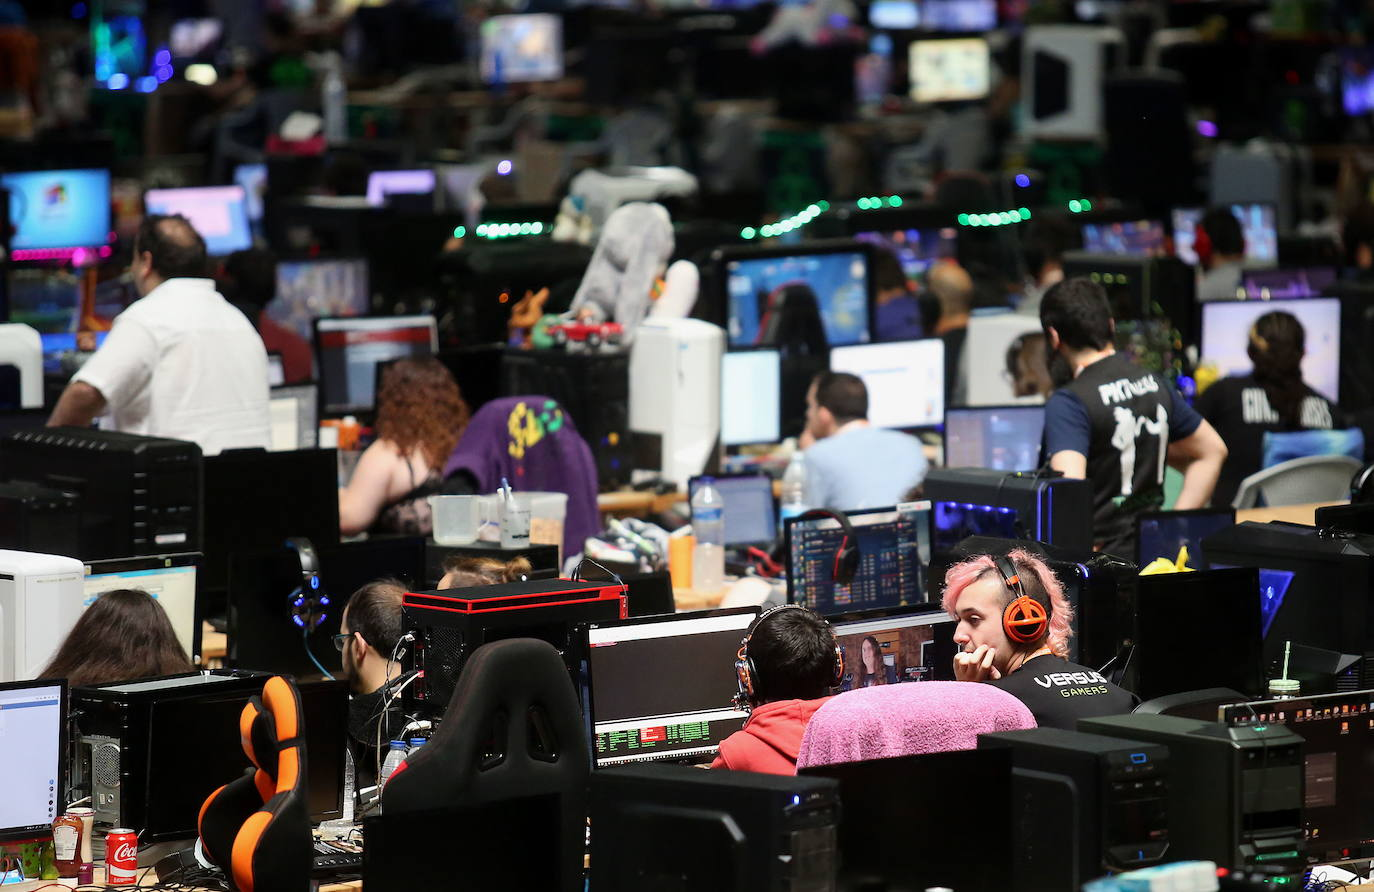 Euskal Encounter despegará mañana con 5.000 ordenadores conectados